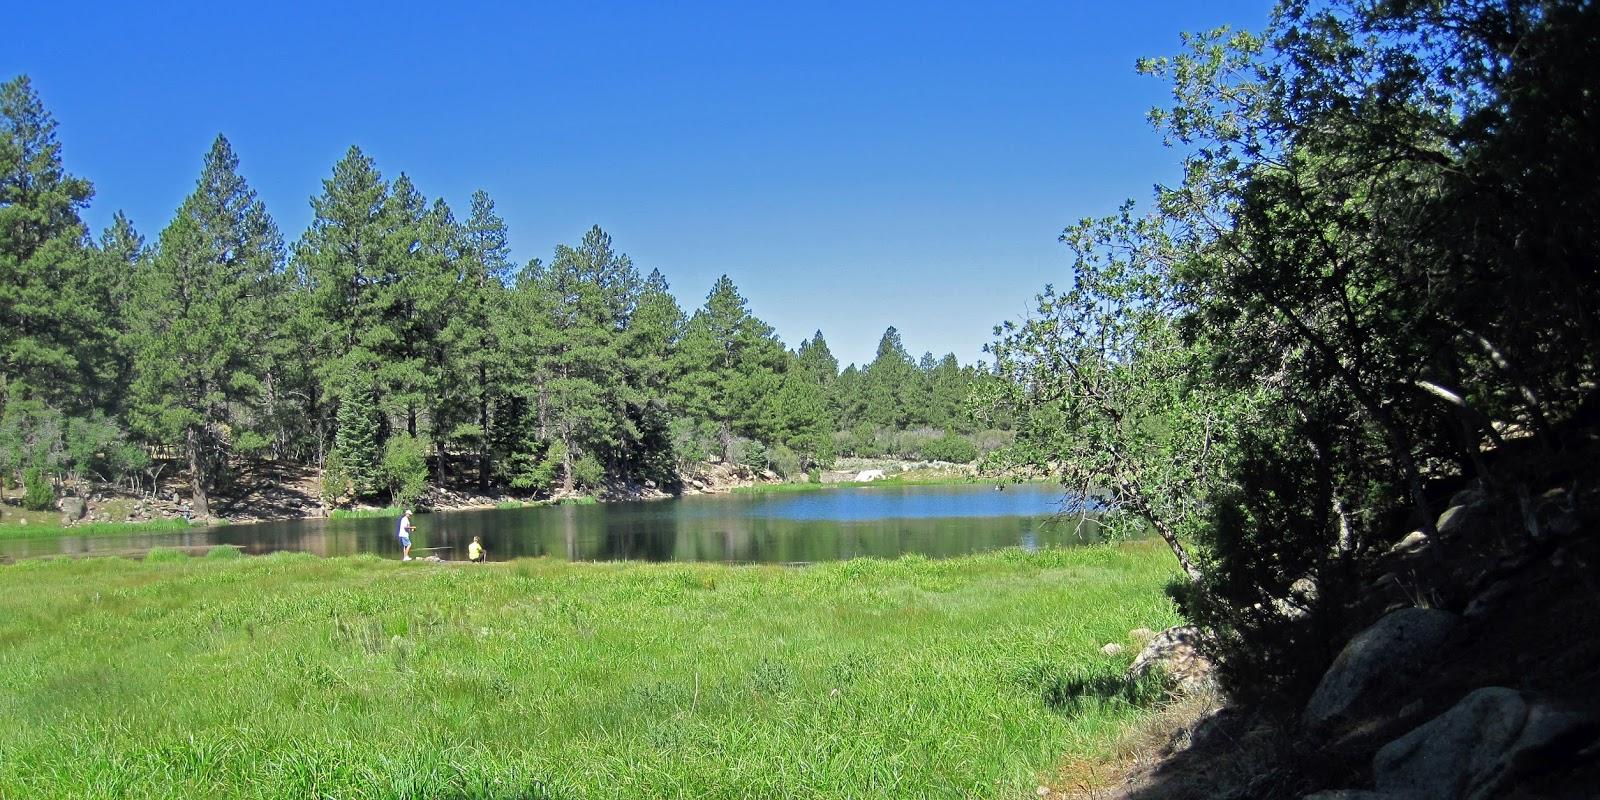 FisherDad: Pine Valley Reservoir, Southern Utah